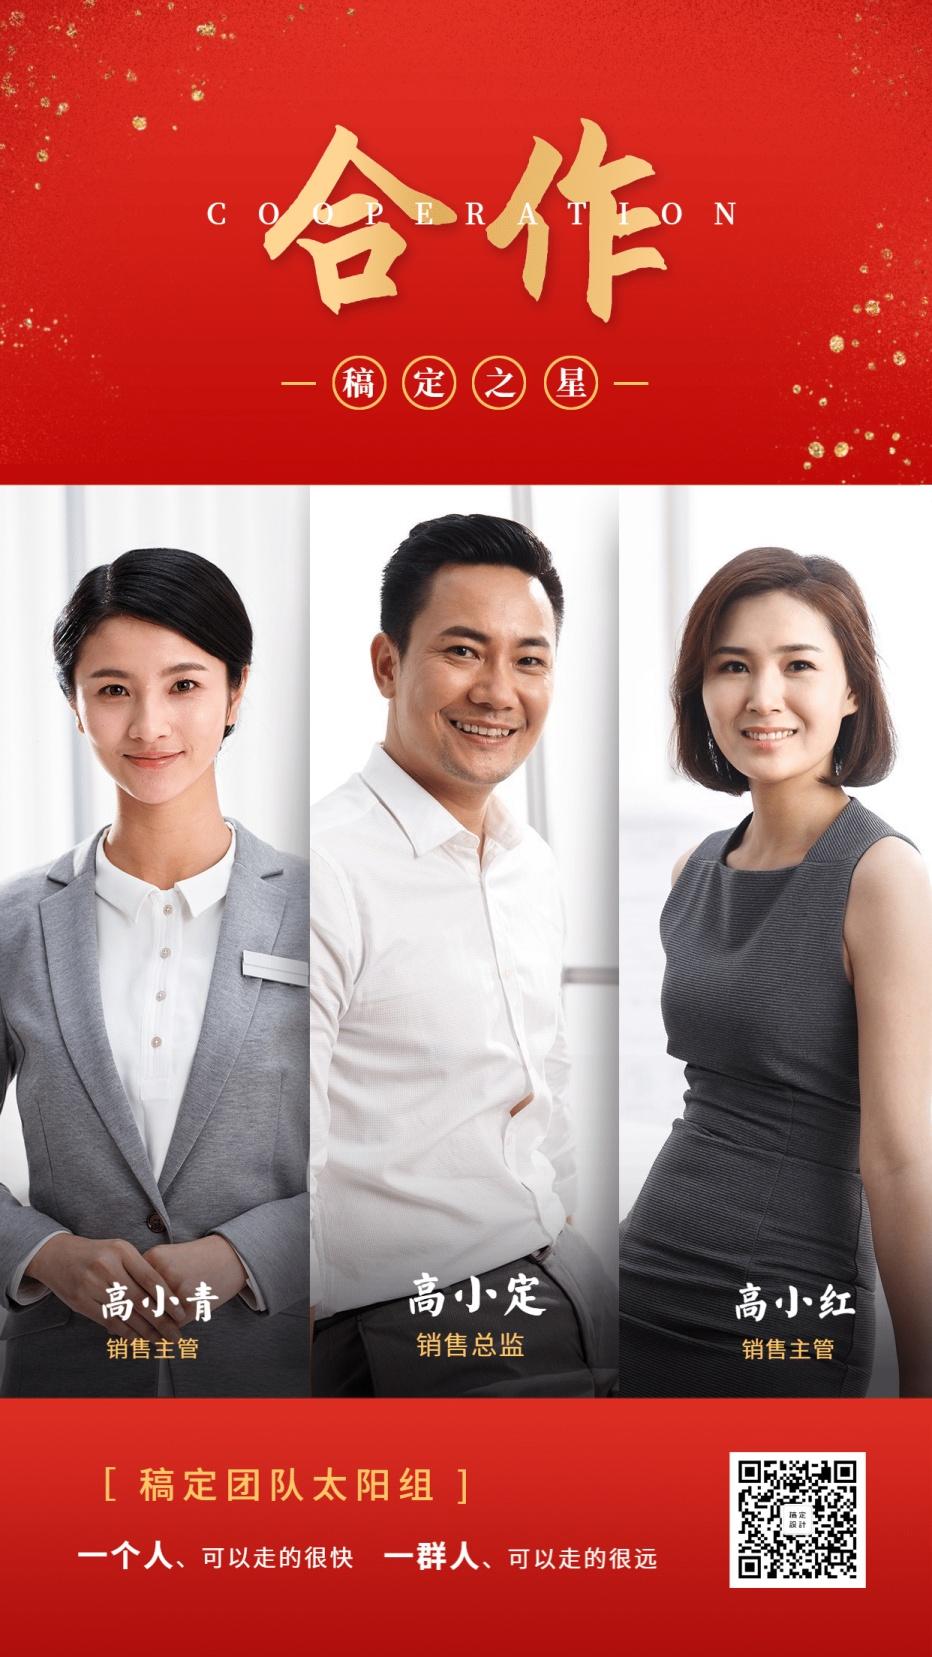 金融保险个人营销团队展示合作手机海报